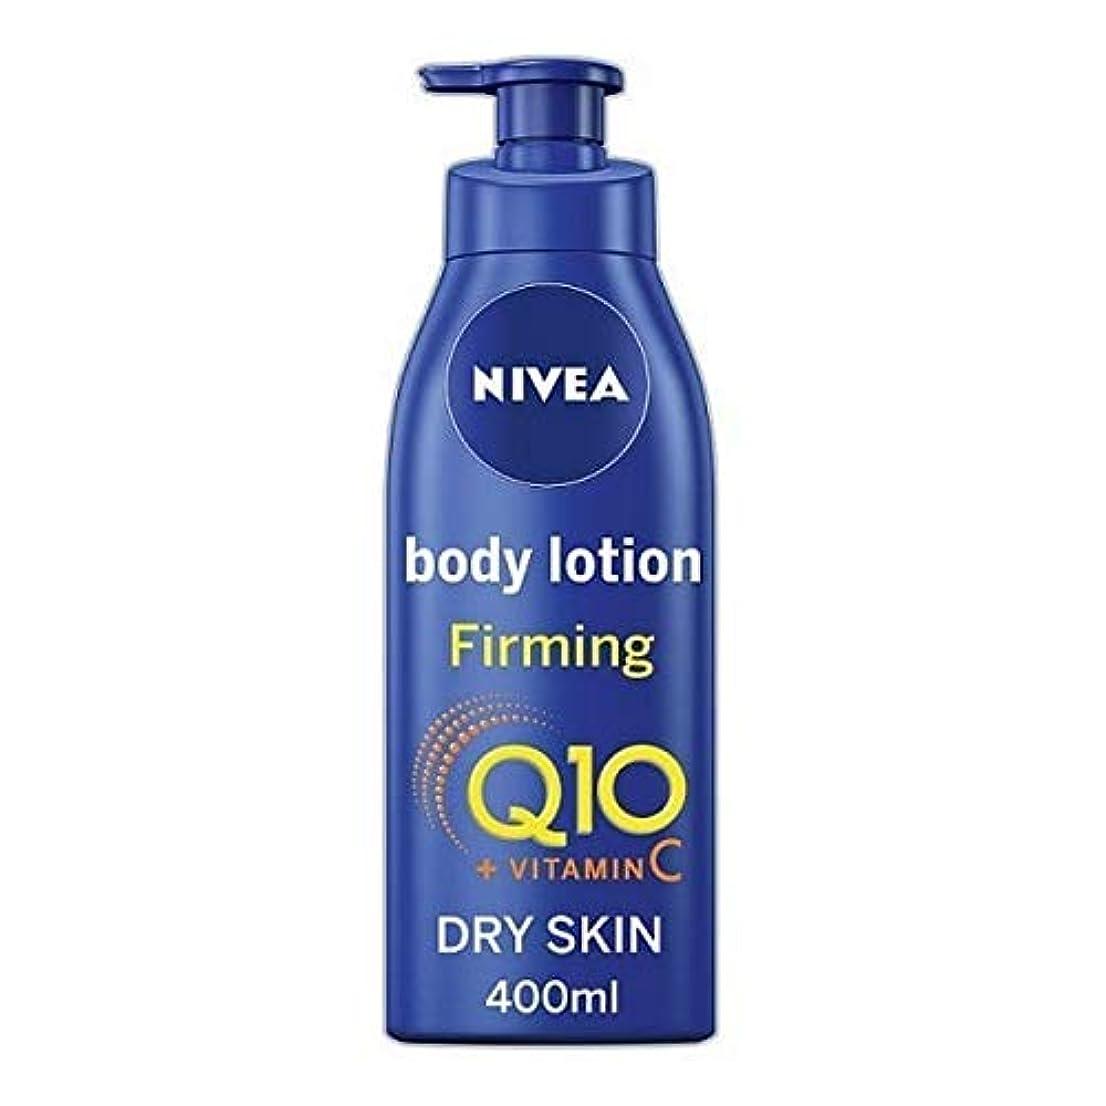 代理店道徳教育製造[Nivea ] 乾燥肌、400ミリリットルのためのニベアQ10ビタミンCファーミングボディローション - NIVEA Q10 Vitamin C Firming Body Lotion for Dry Skin, 400ml...